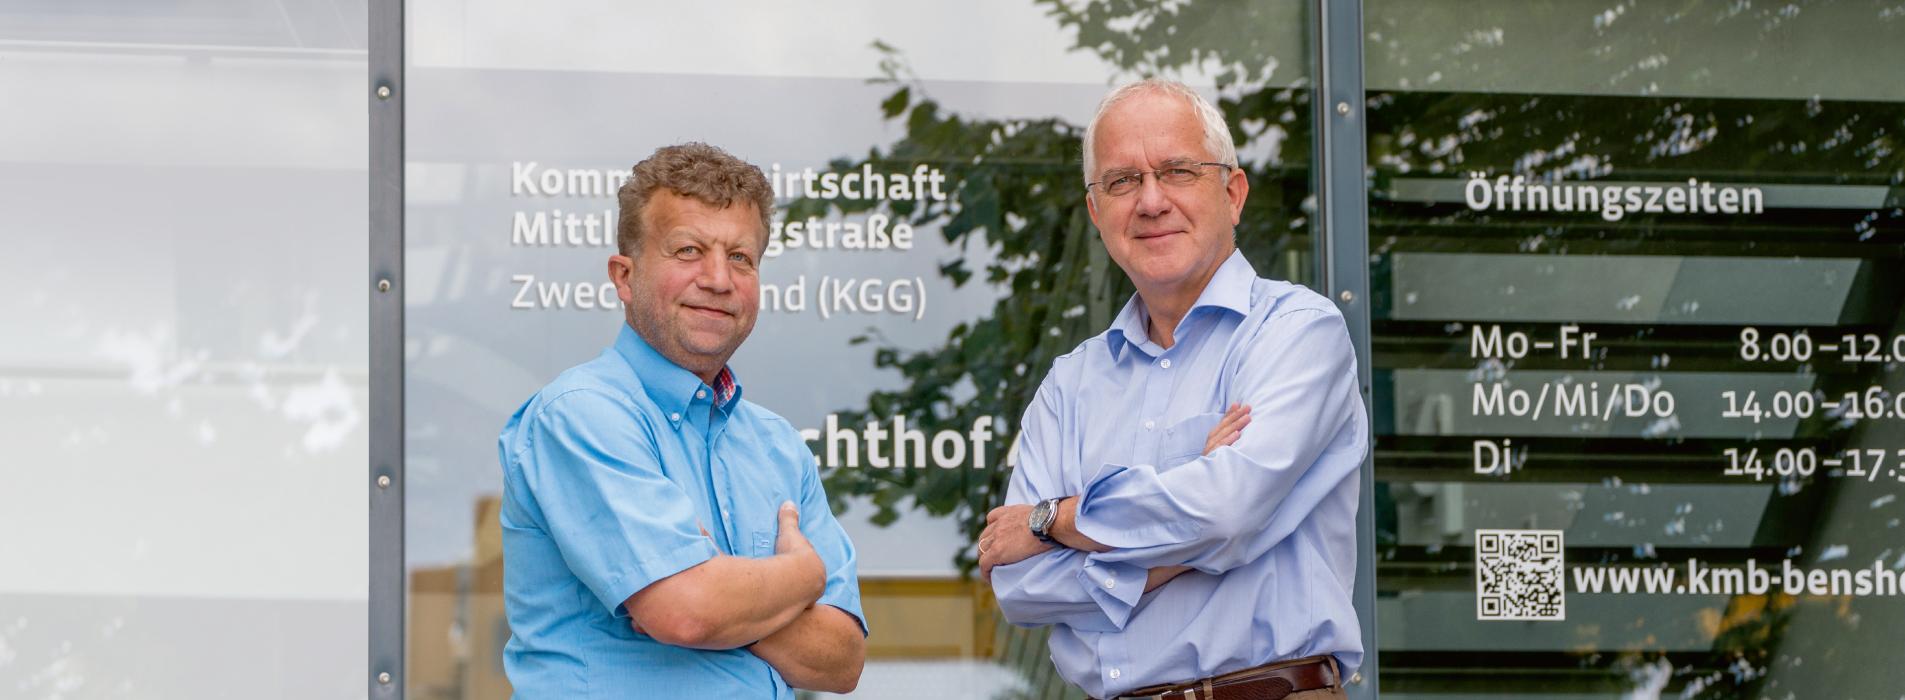 Geschäftsführer Frank Daum und Verbandsvorsitzender Helmut Sachwitz